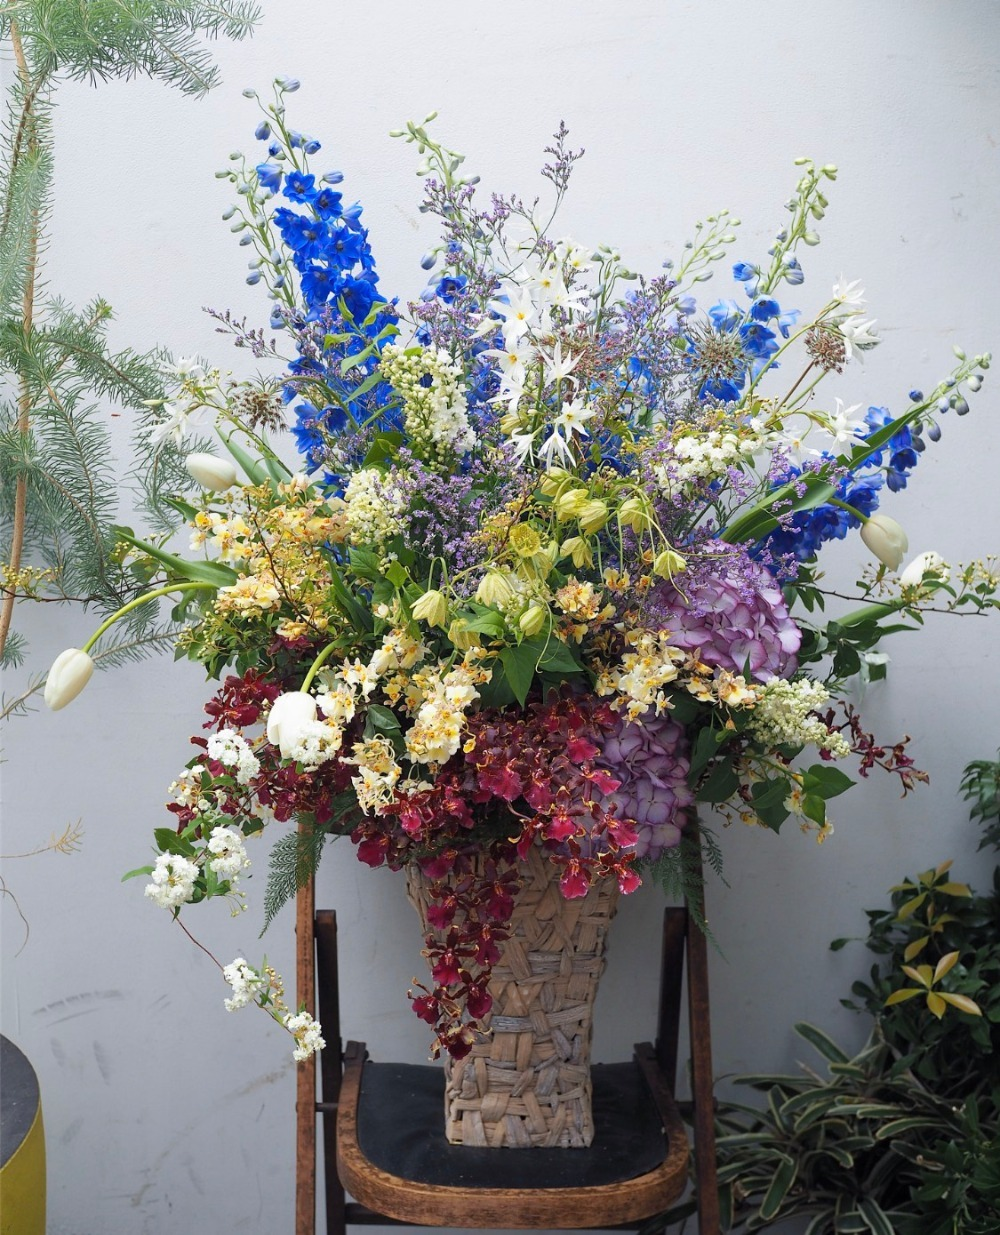 美しいものが何よりもお好きな方へ贈る誕生日祝い花